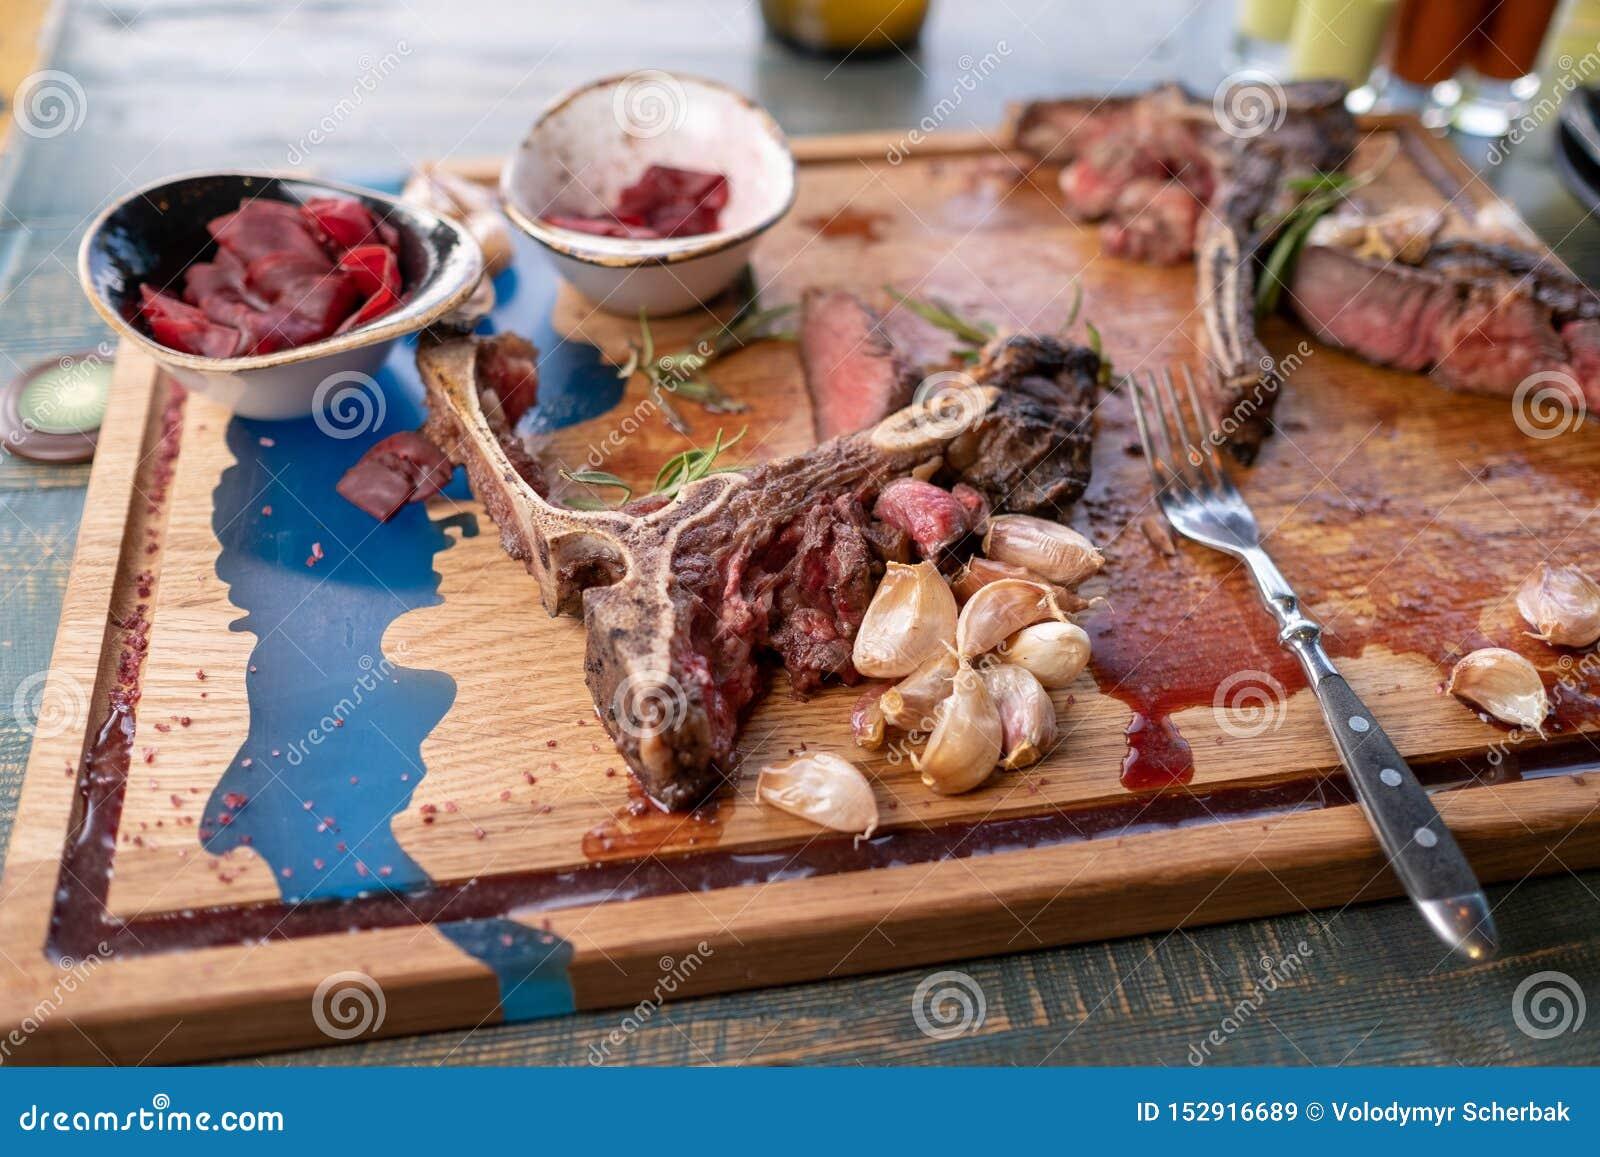 После еды, который нужно выйти над косточкой остаток мясо на косточке